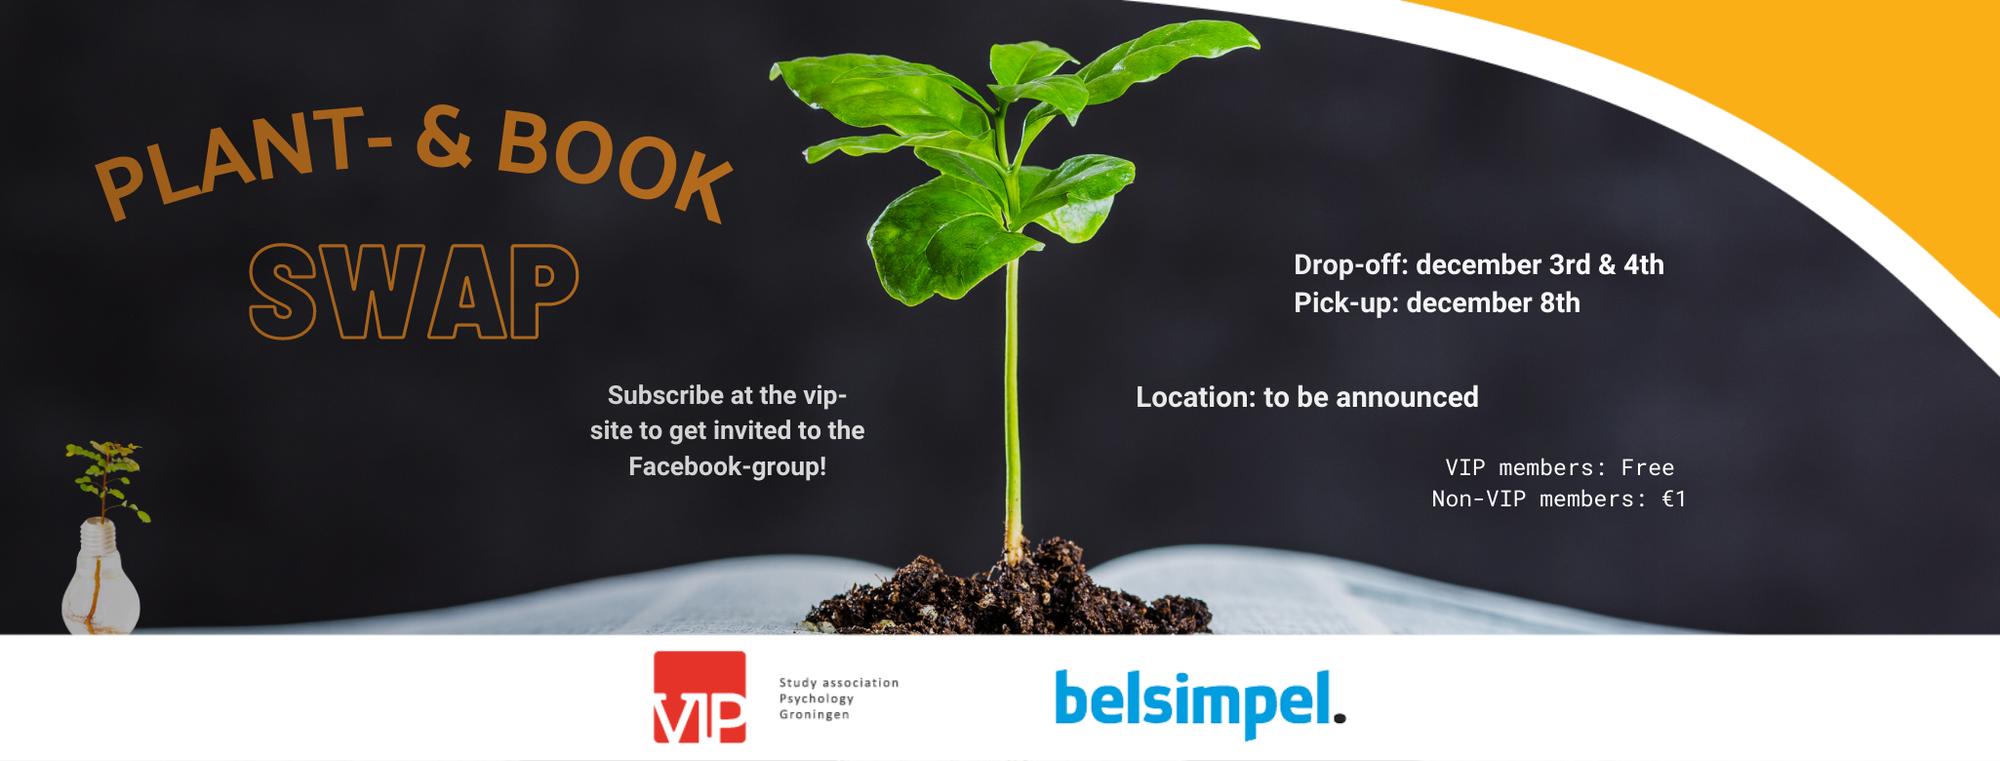 VIP: Plant- & Bookswap